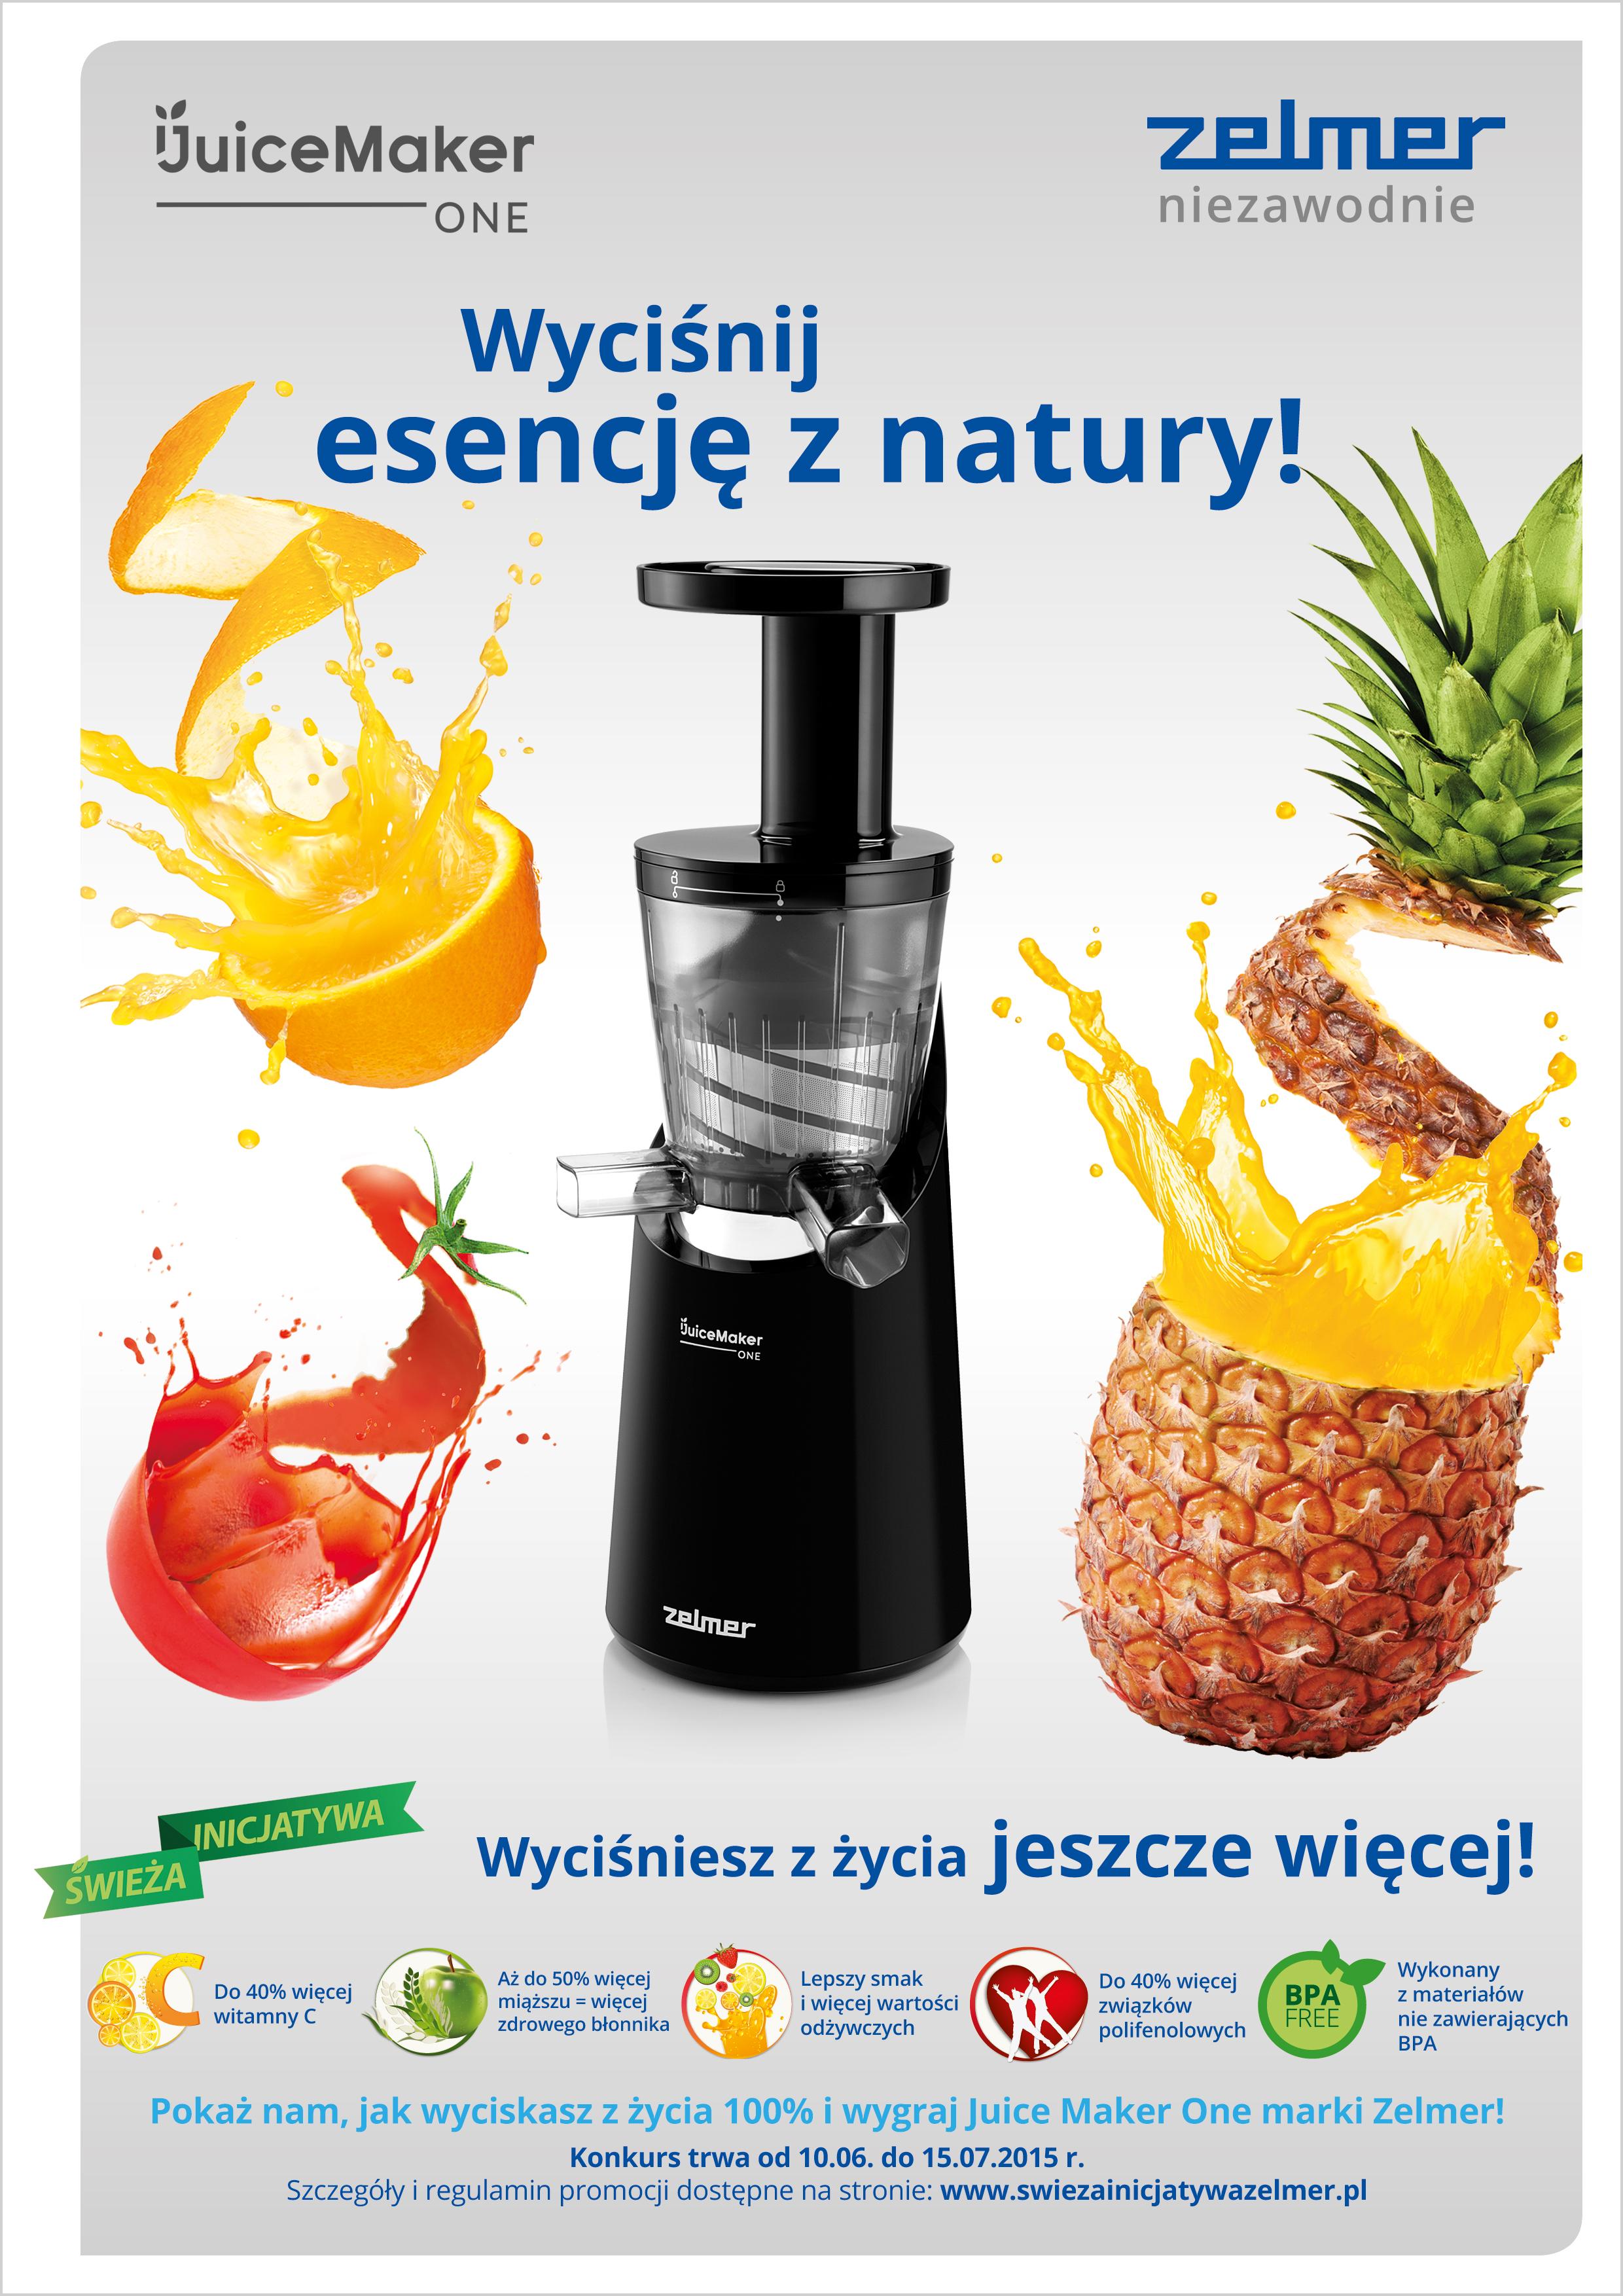 Juice-Maker-One_Zelmer